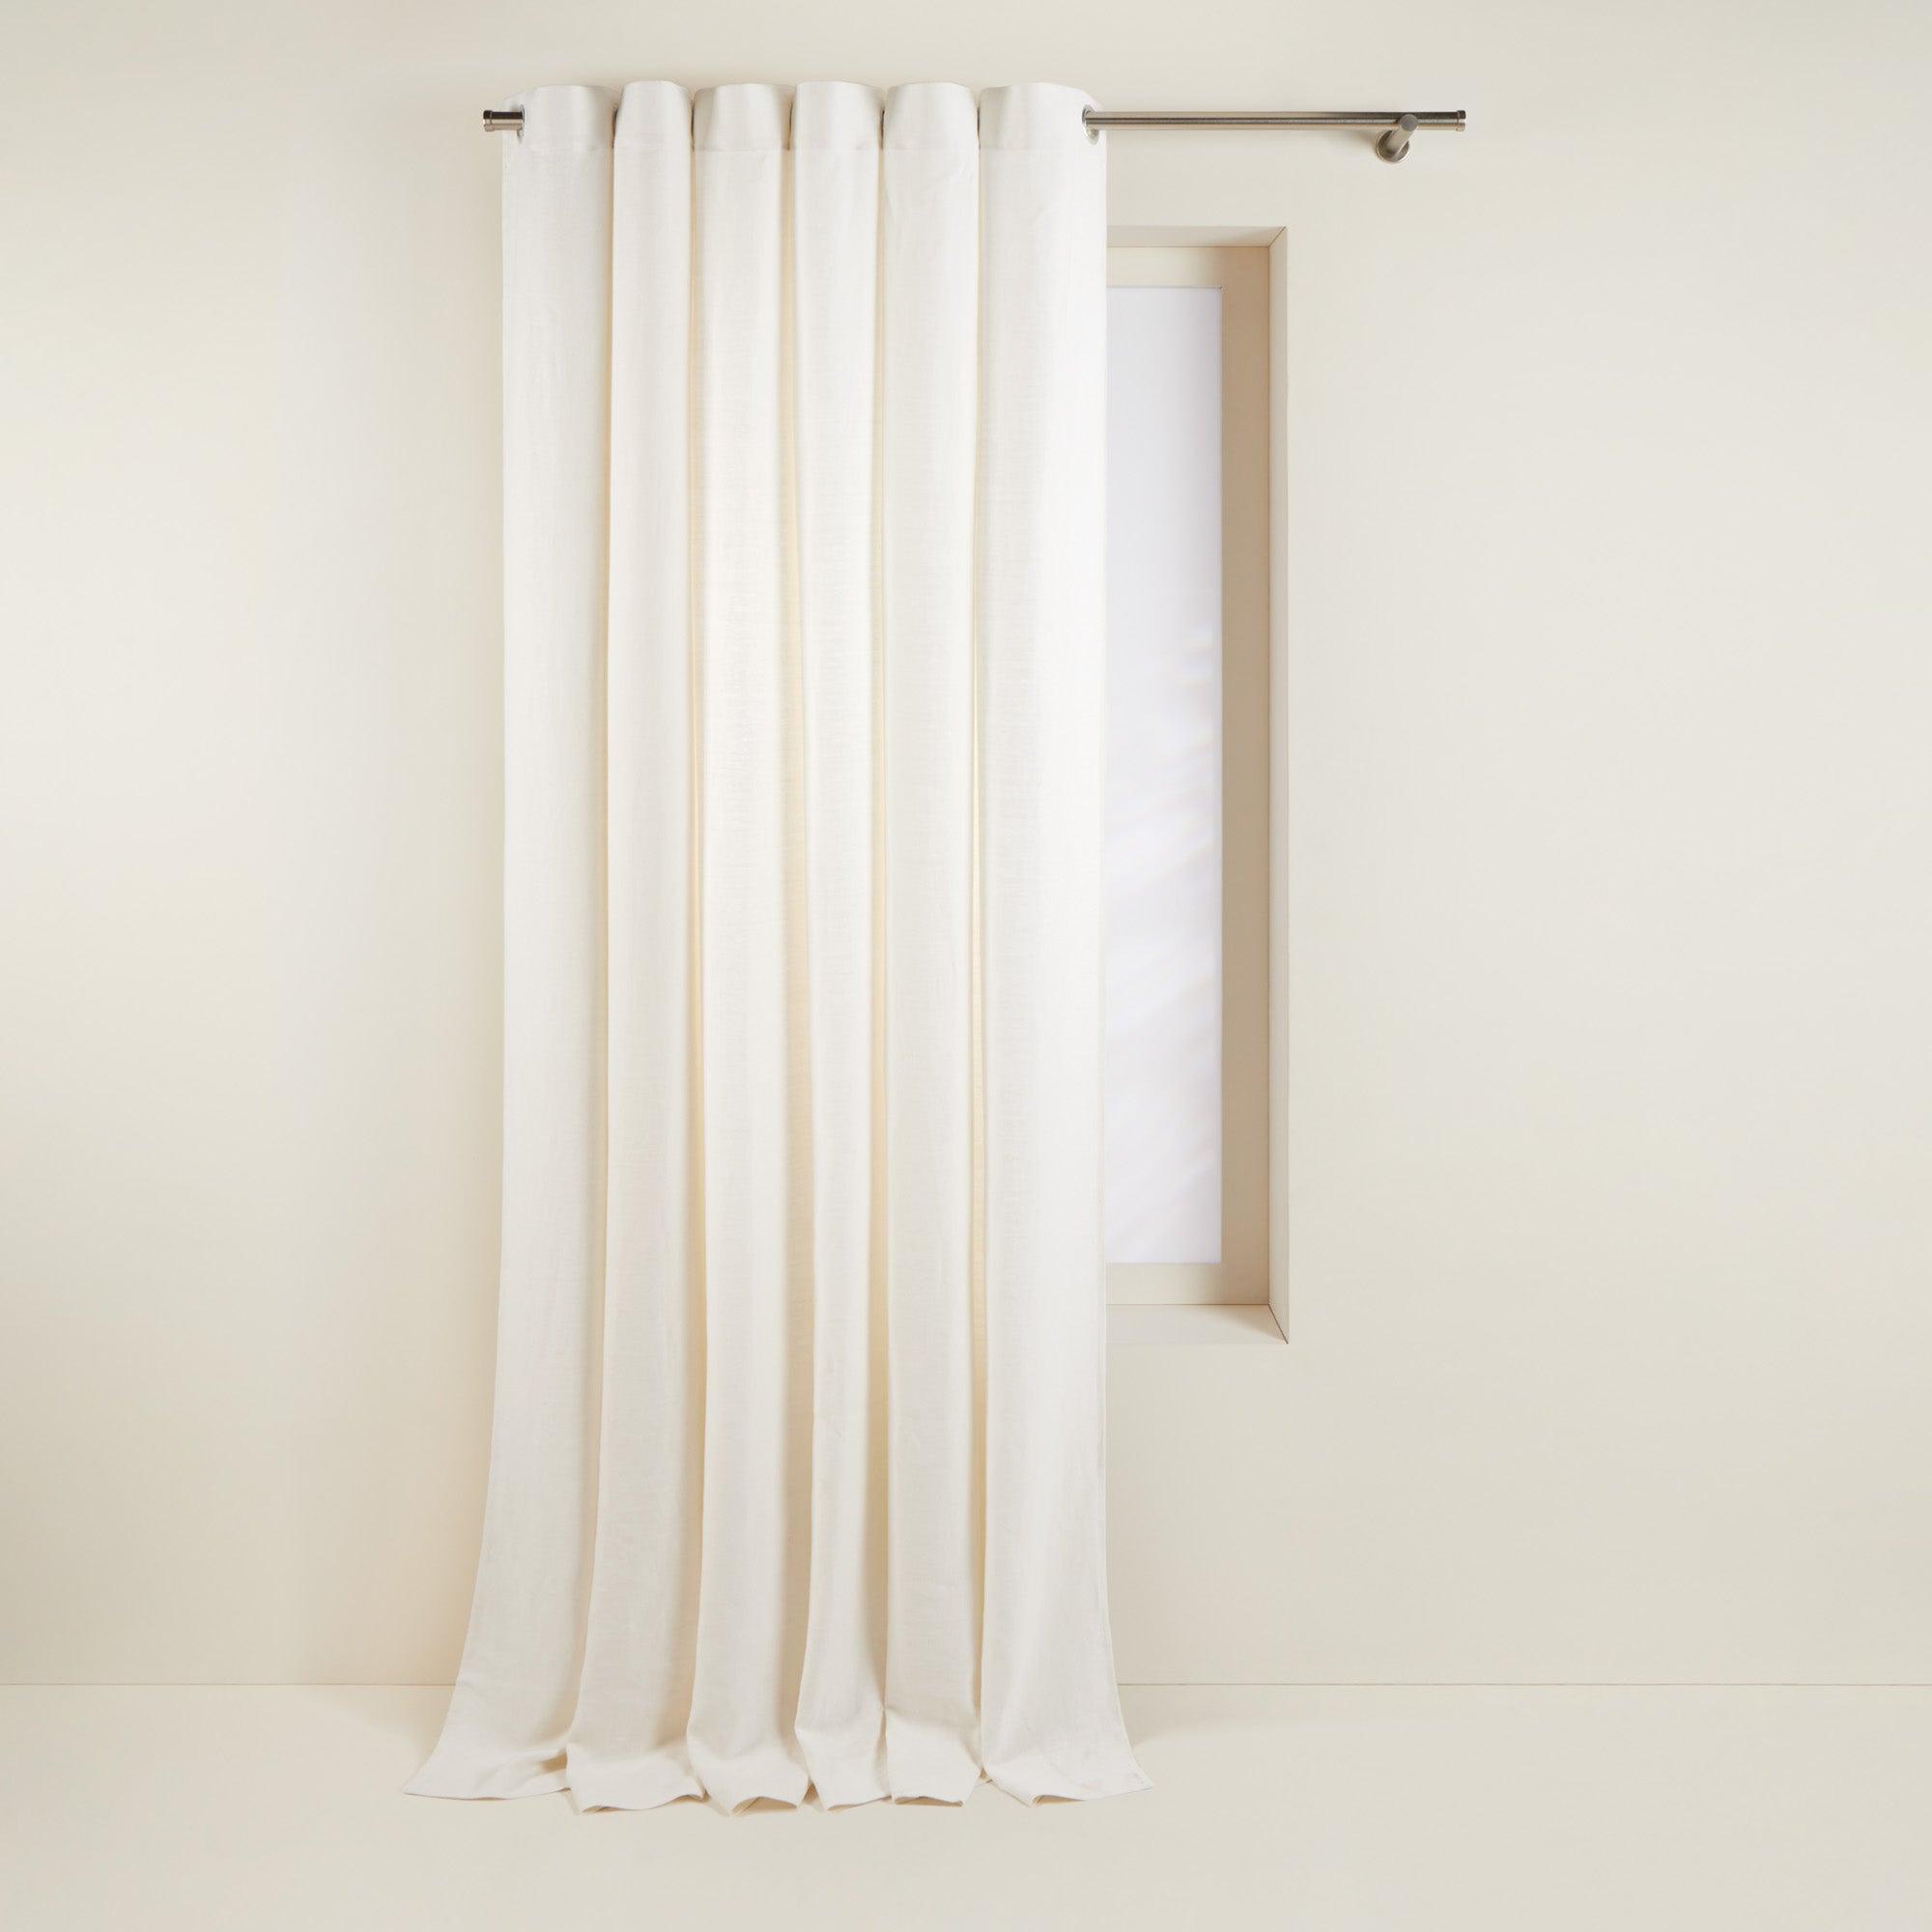 Rideau à oeillets 140x350 cm Blanc en Lin